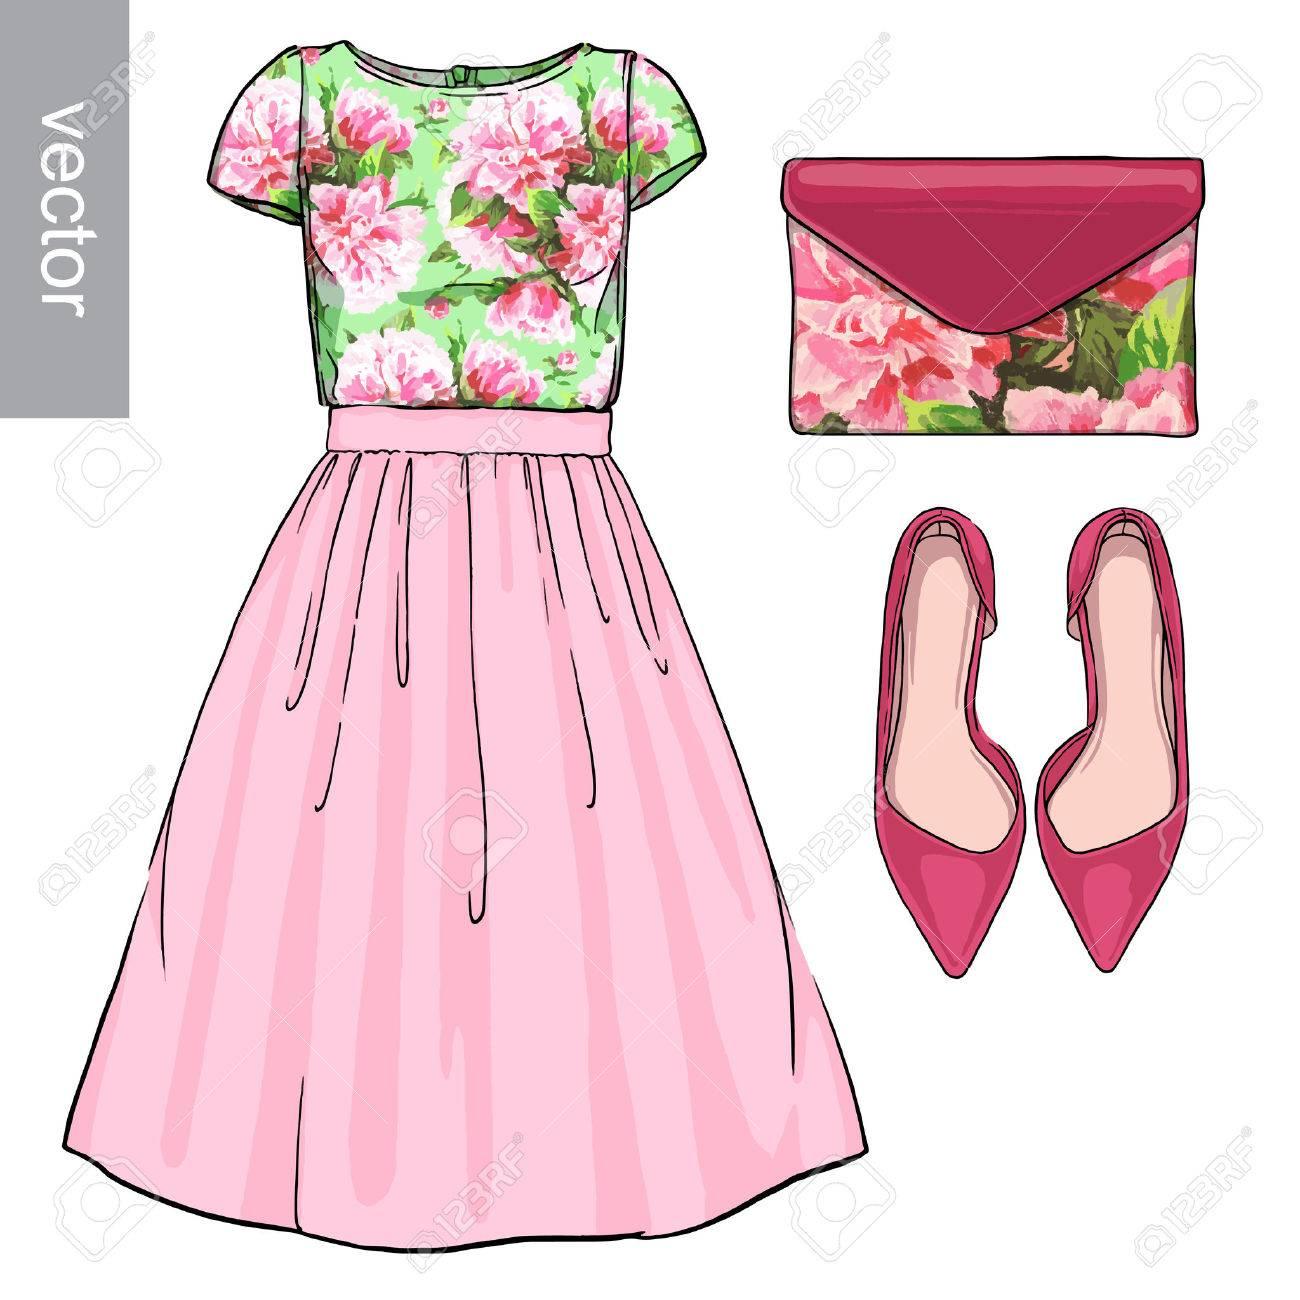 26cdf1552 Dama de la moda conjunto de la primavera, traje de la temporada de  invierno. Ilustración estilo y de moda de ropa. Vestido, bolso, accesorios,  gafas ...